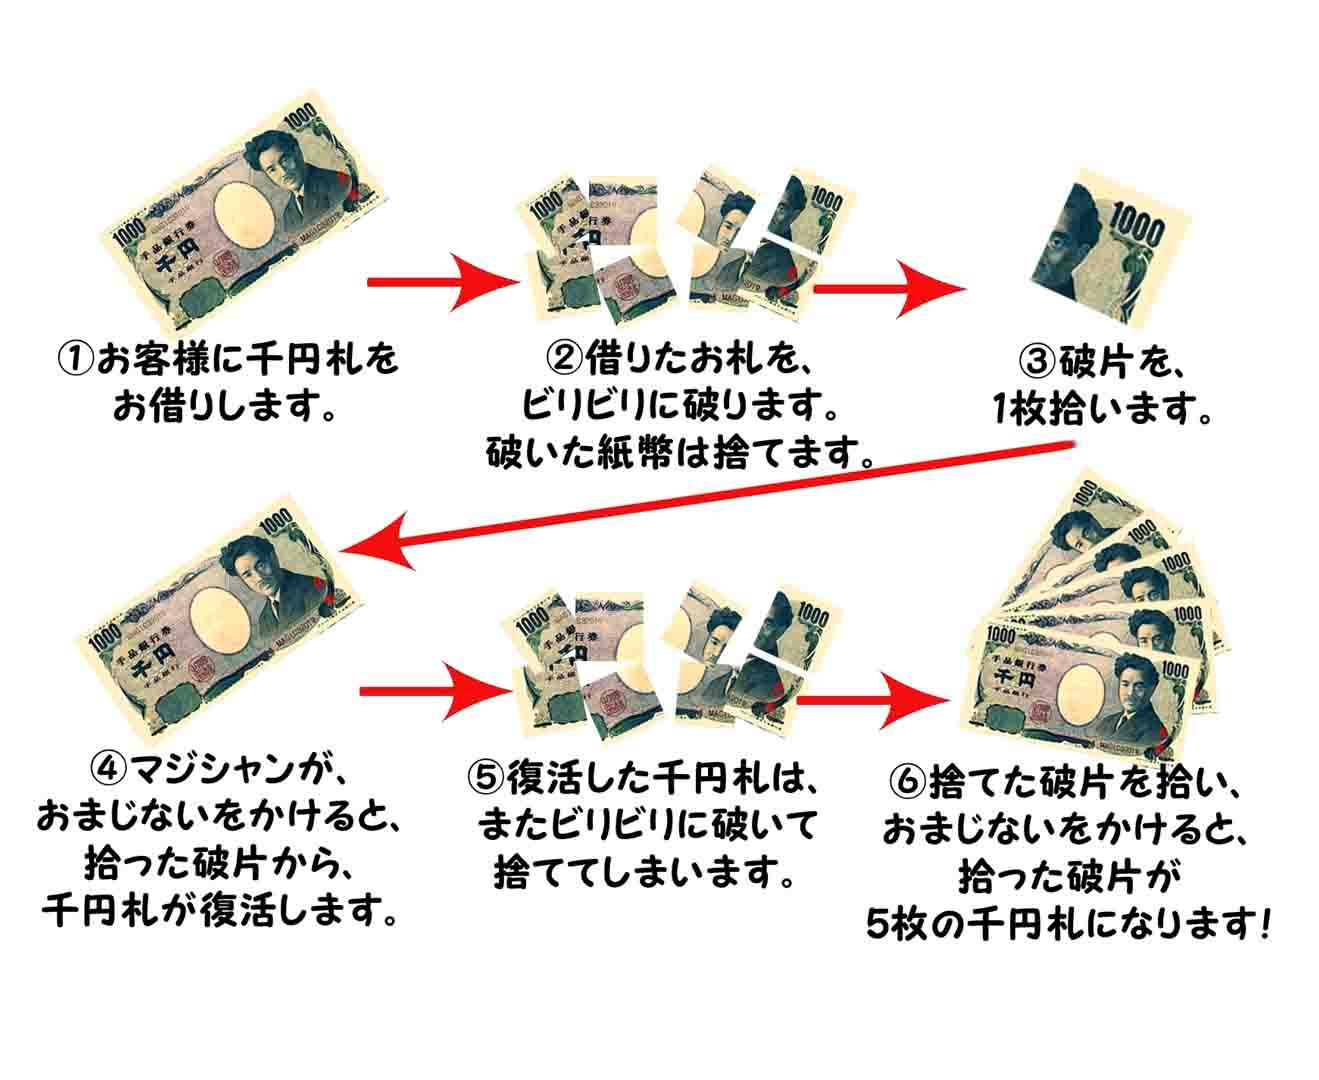 【マジック3オリジナル】千円札の復活ルーティーン by TOMMY